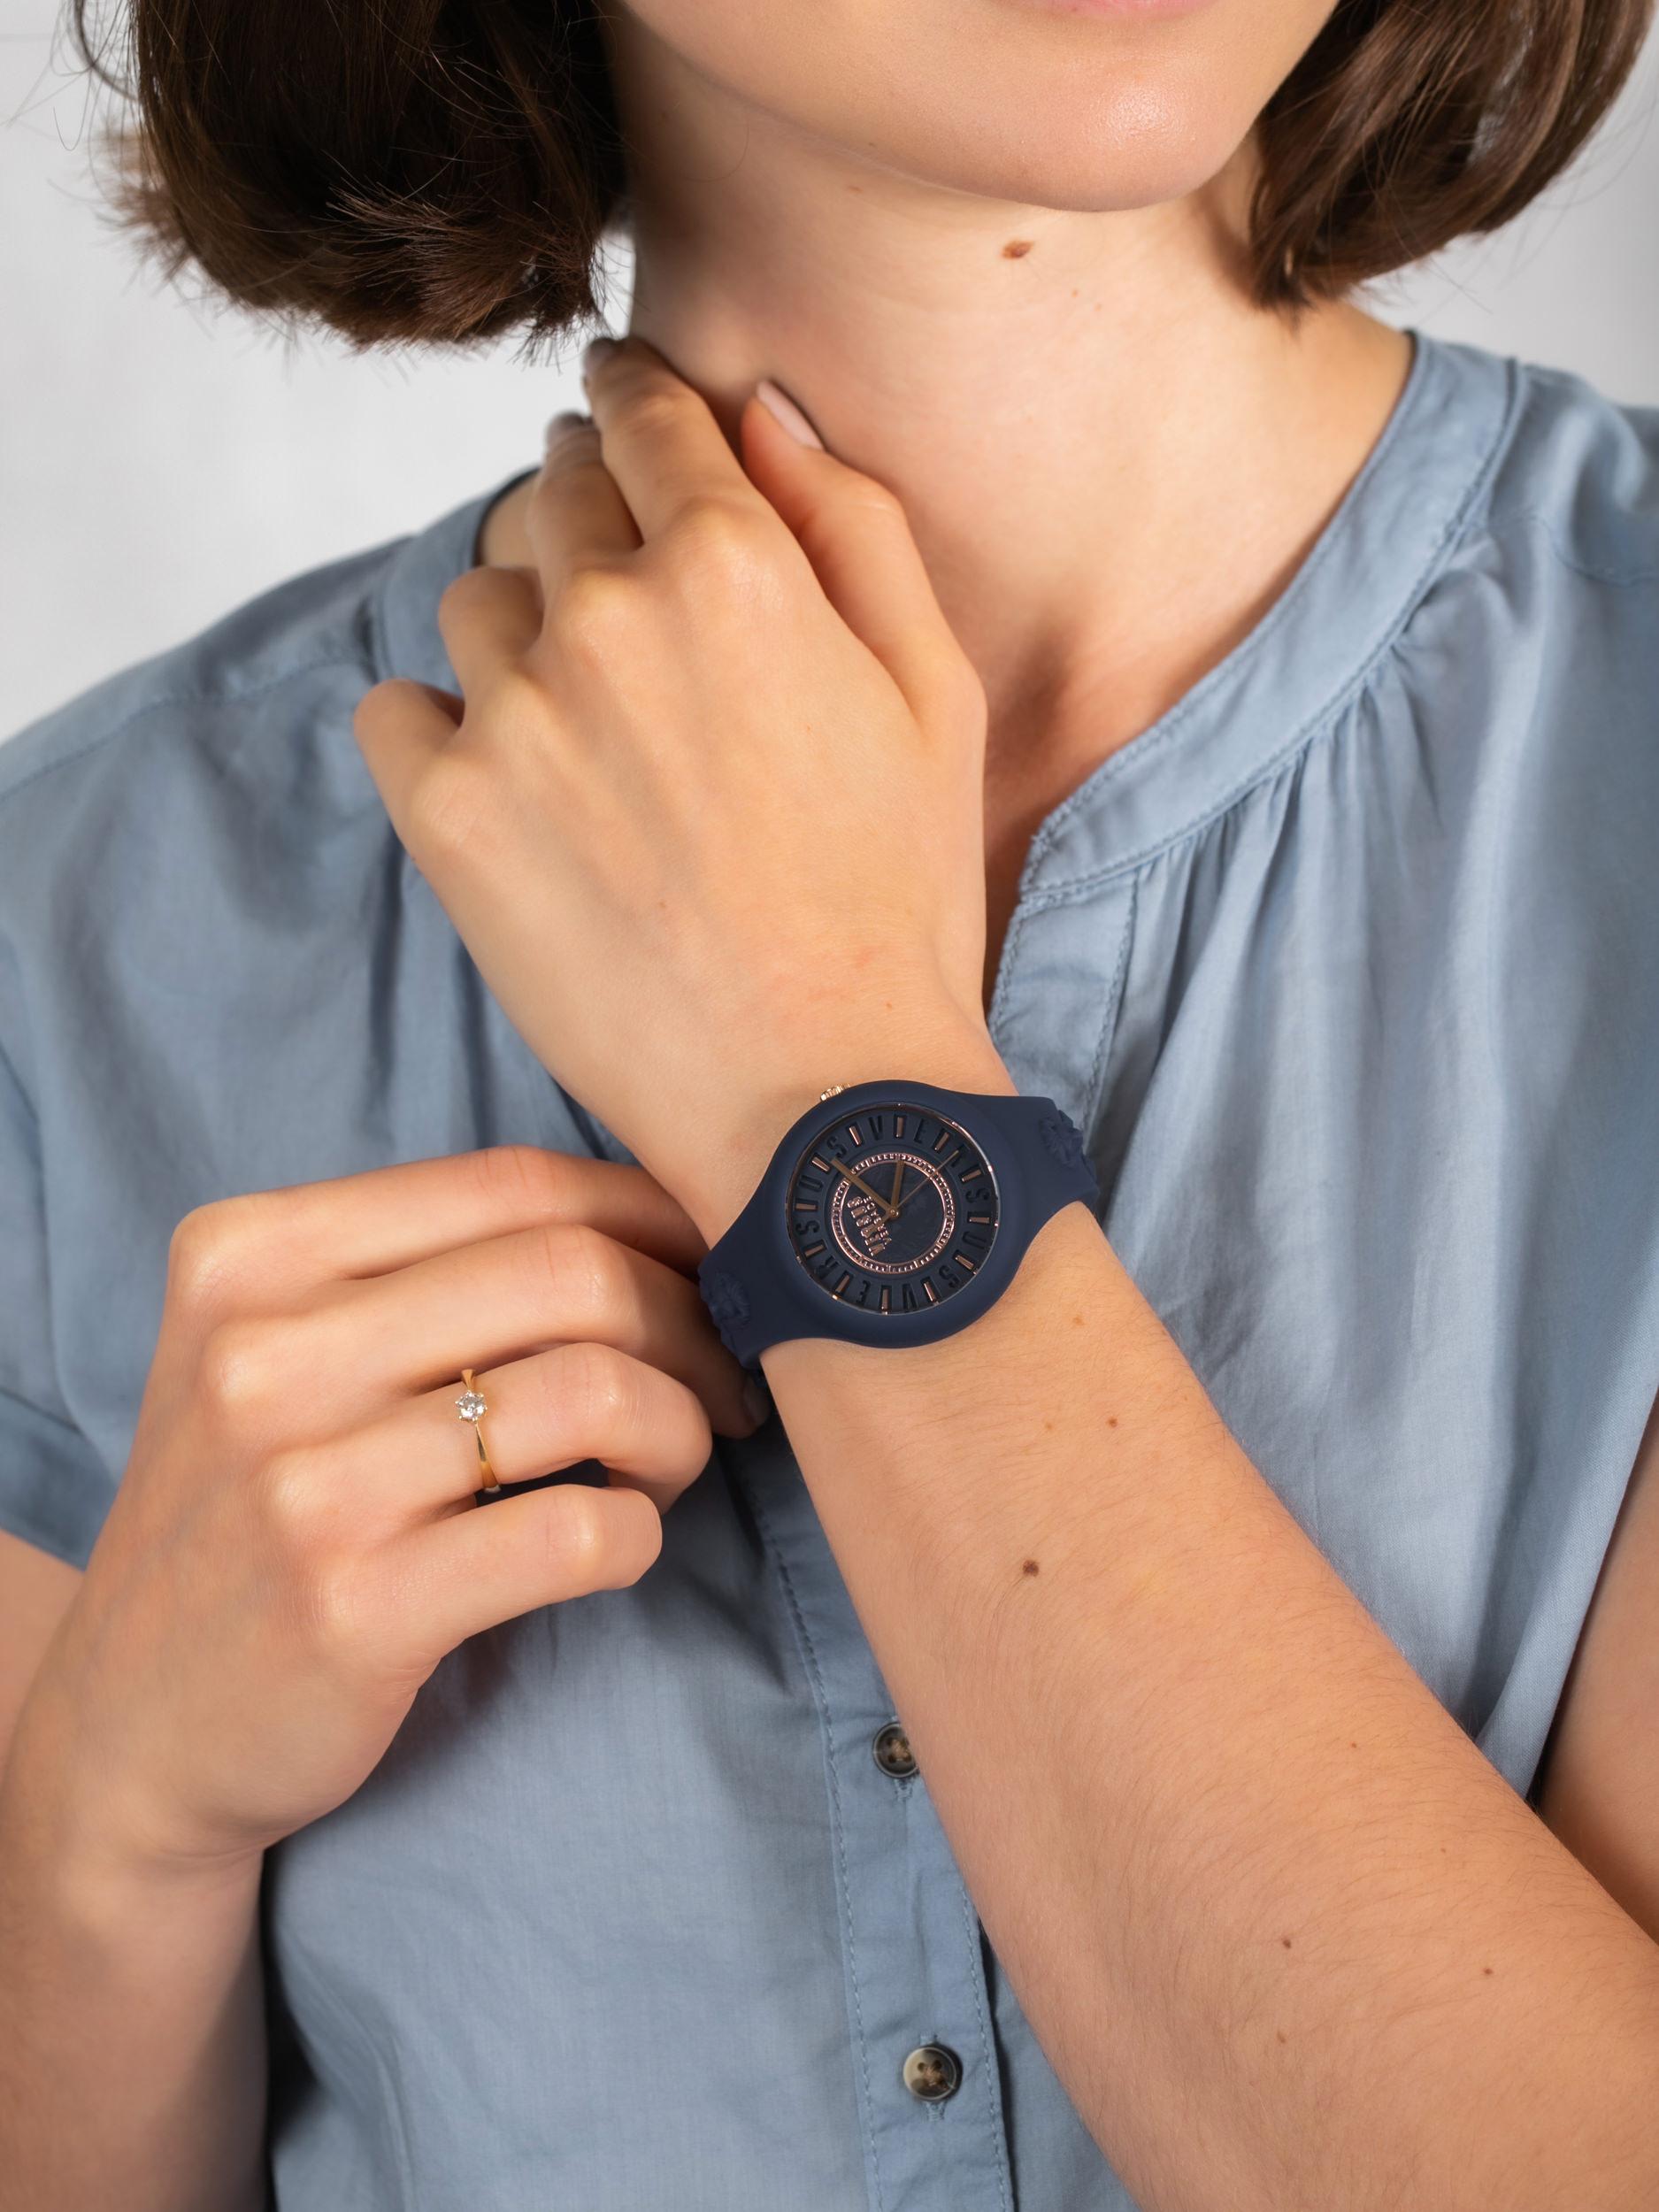 Versus Versace VSPOQ4019 damski zegarek Damskie pasek